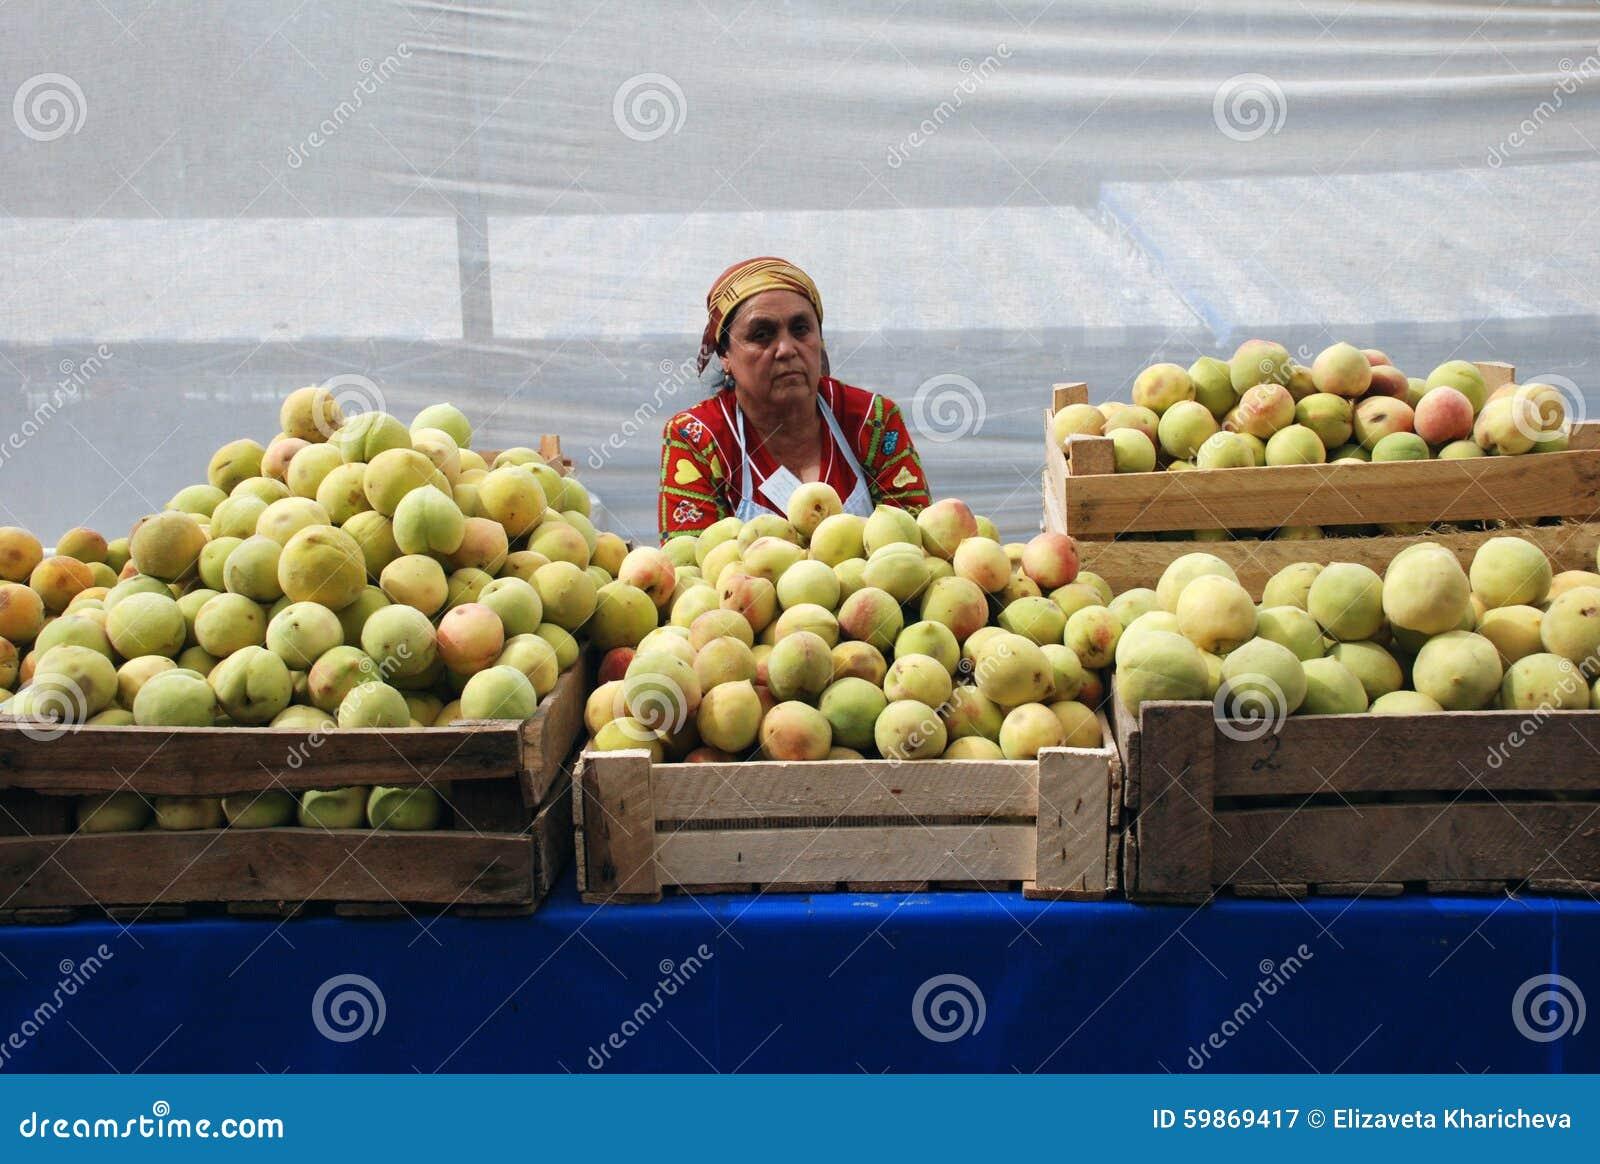 Η γυναίκα στην αγορά με τα μήλα